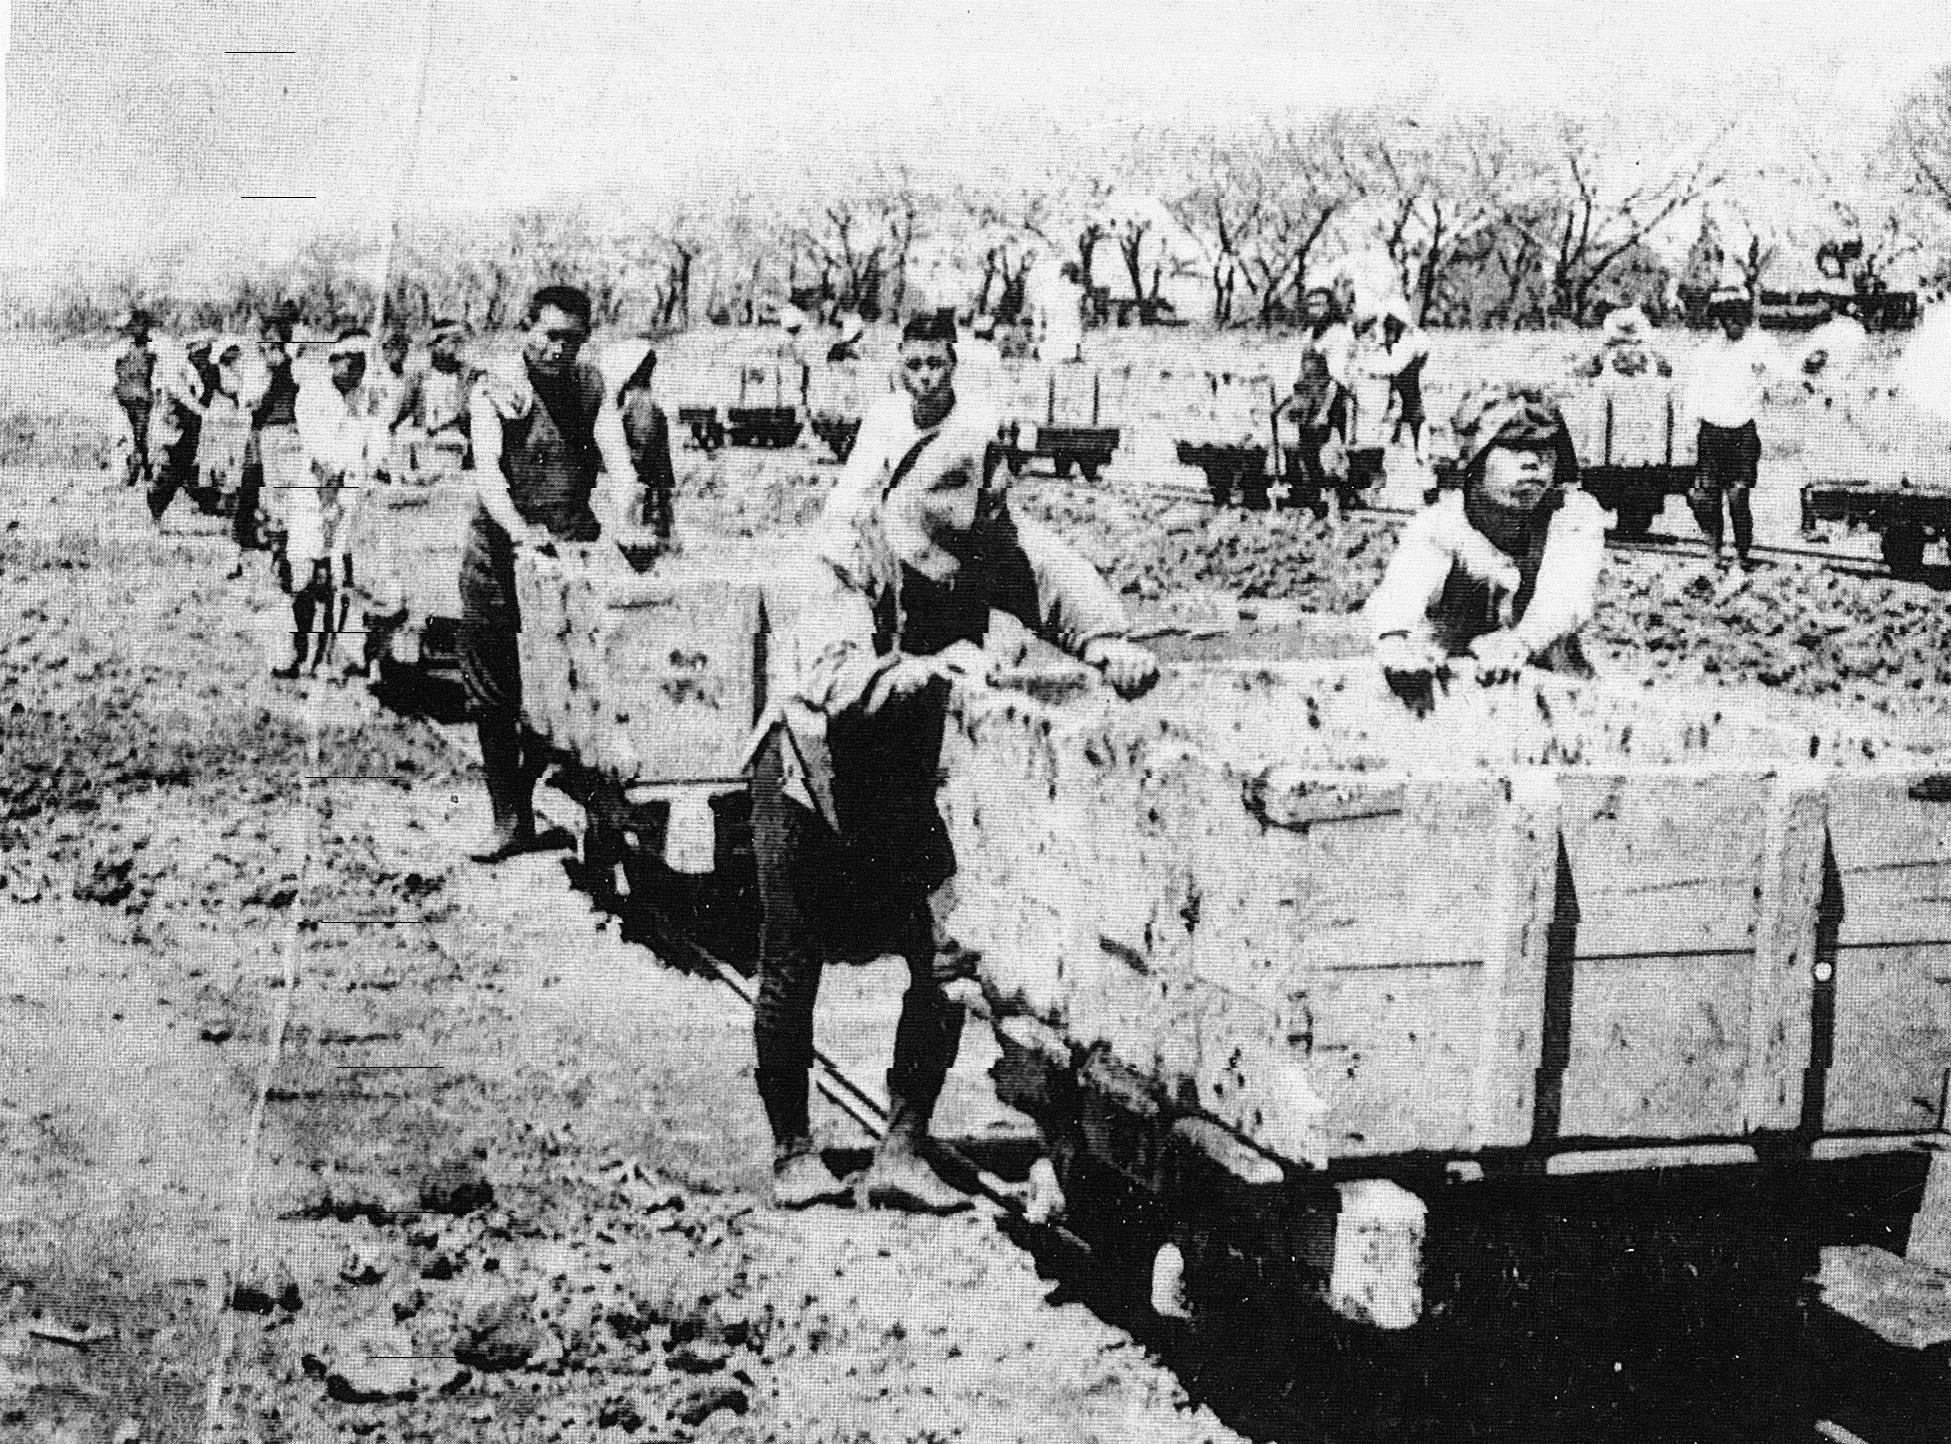 荒川放水路掘削工事。安価な労働力として多くの朝鮮人が働いていた